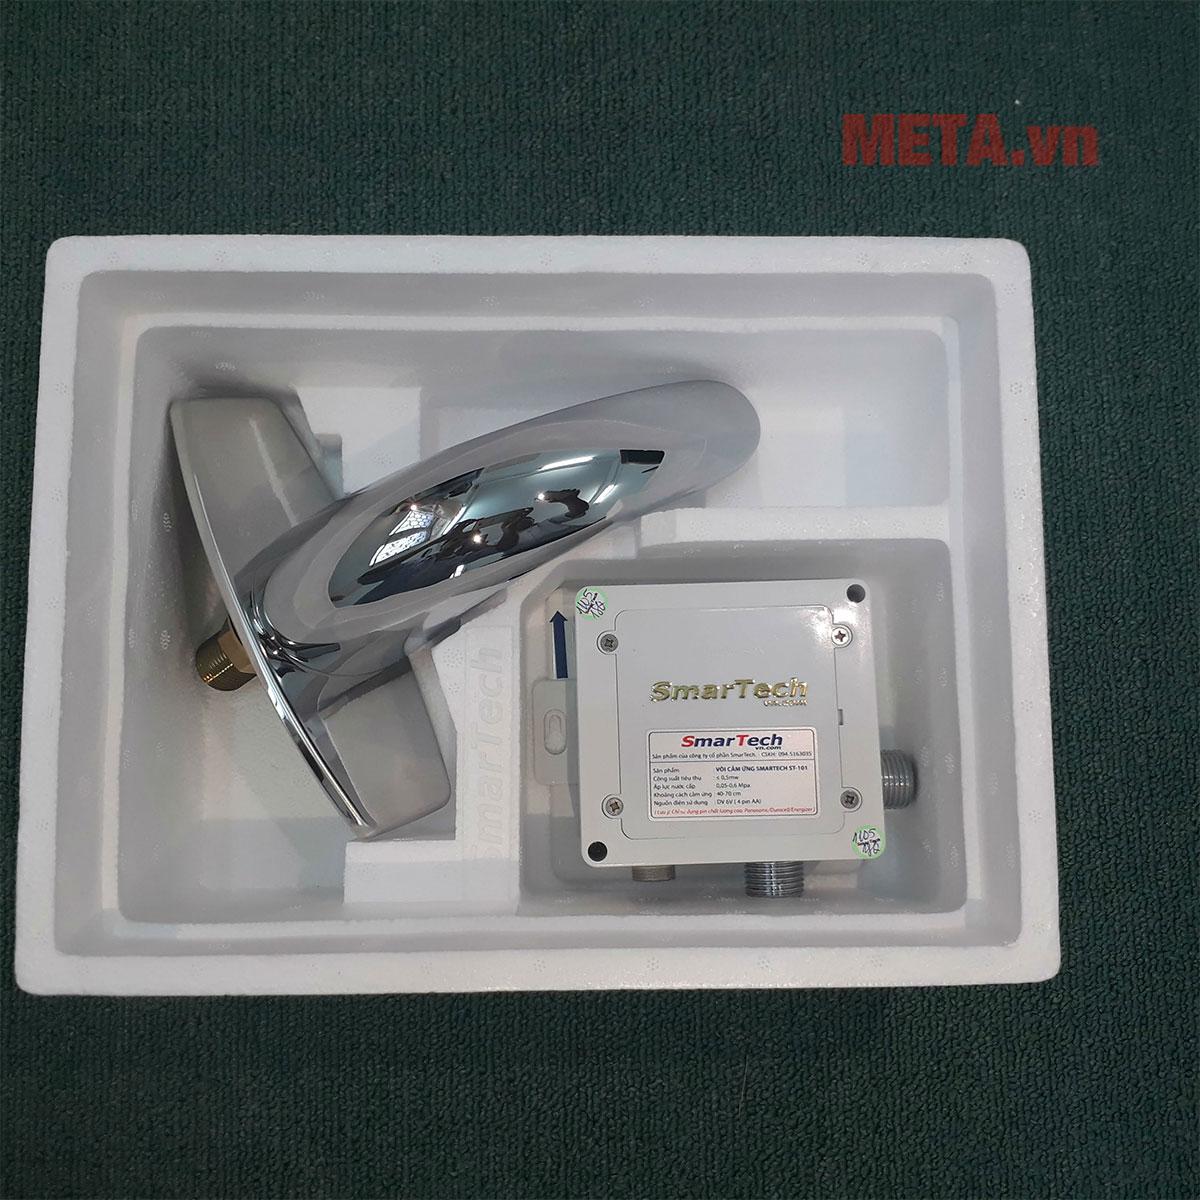 Thân vòi sử dụng chất liệu cao cấp, chống gỉ sét, sáng bóng